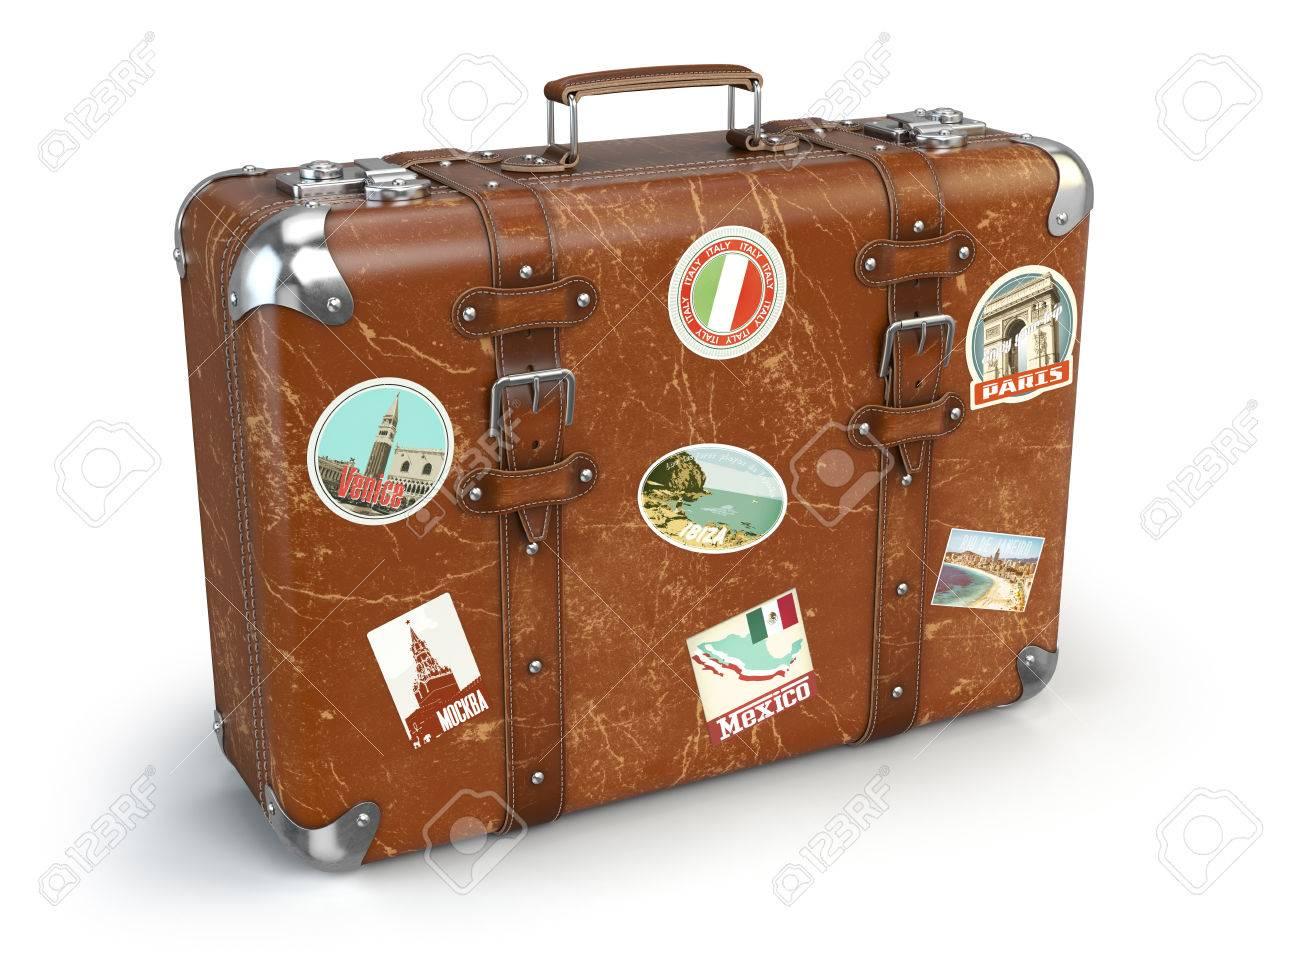 Goede Retro Koffer Beggage Mit Reise-Aufkleber Auf Weißem Hintergrund PU-13